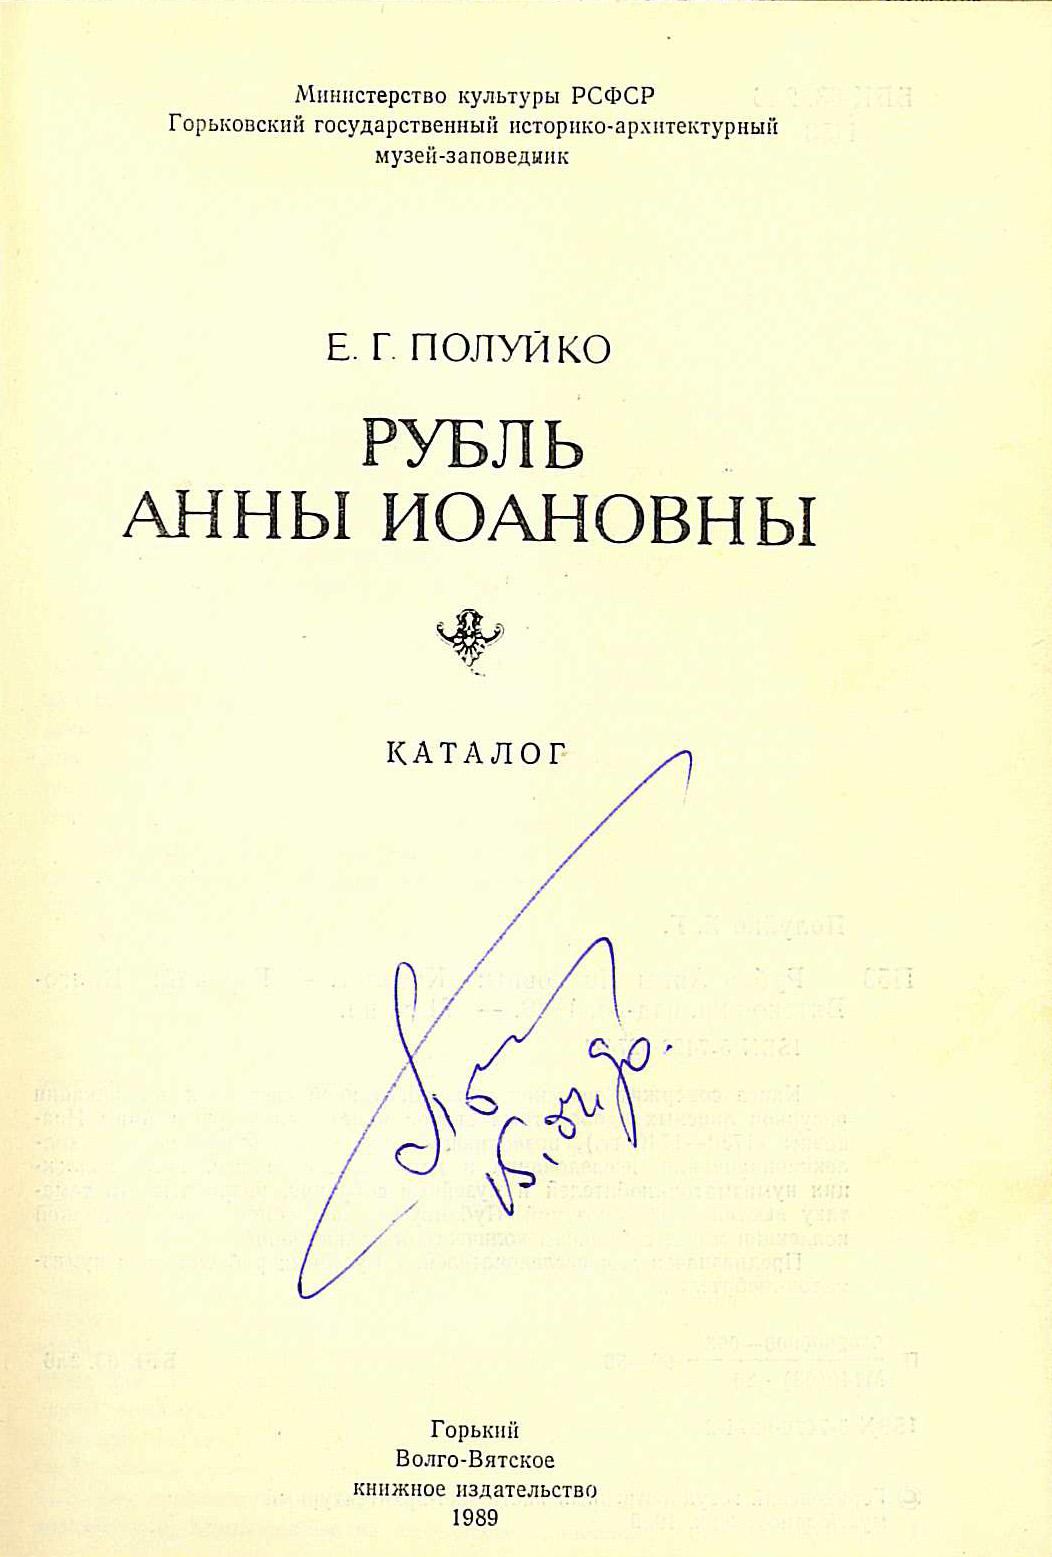 Е.Г. Полуйко. Рубль Анны Иоанновны. каталог. Горький. 1989.